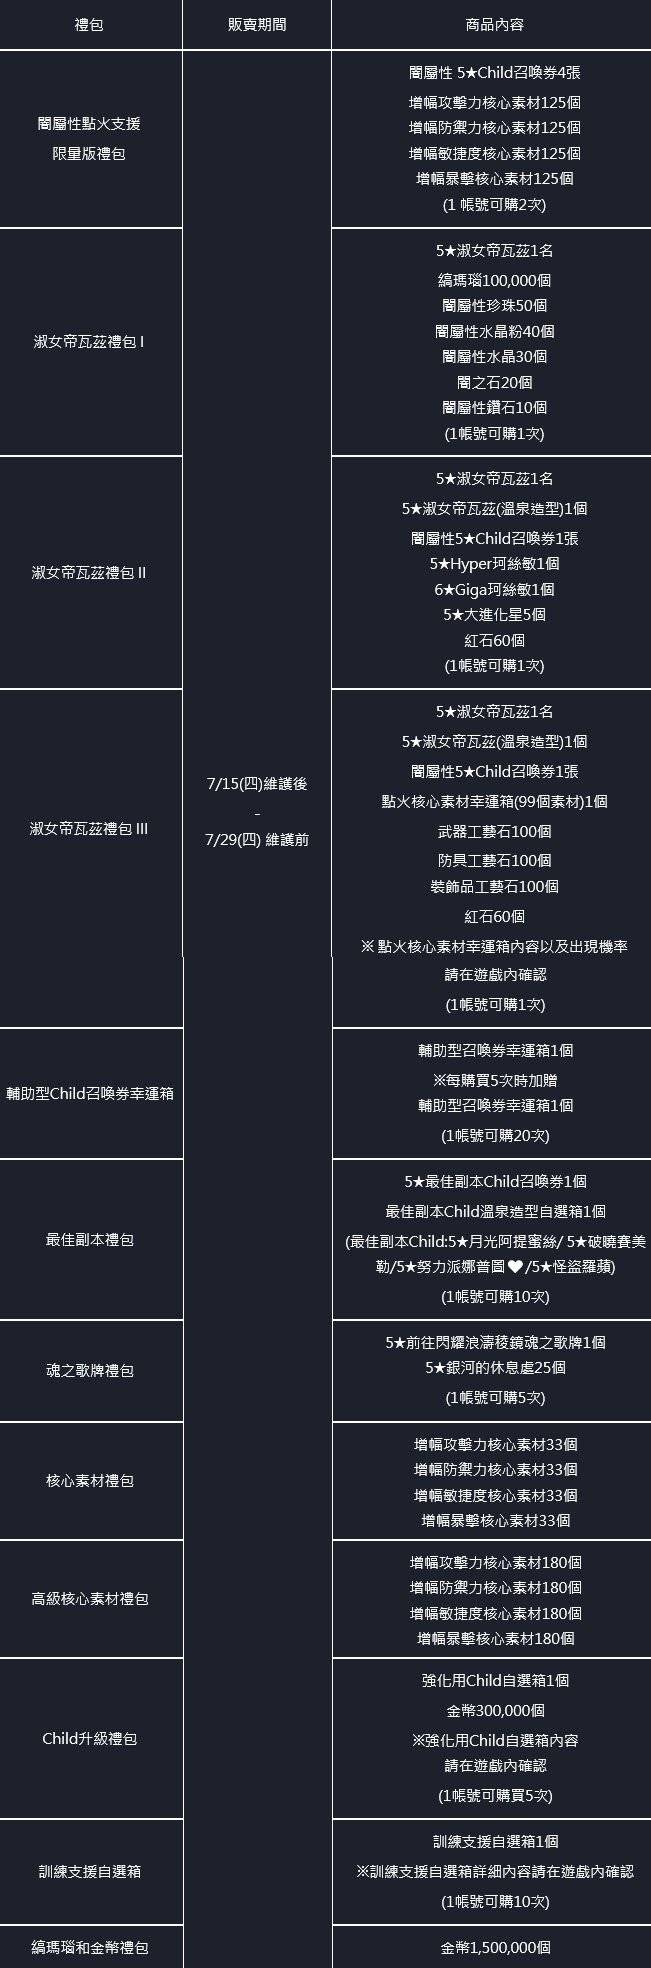 命運之子: 歷史新聞/活動 - 21/07/15 改版公告 image 203